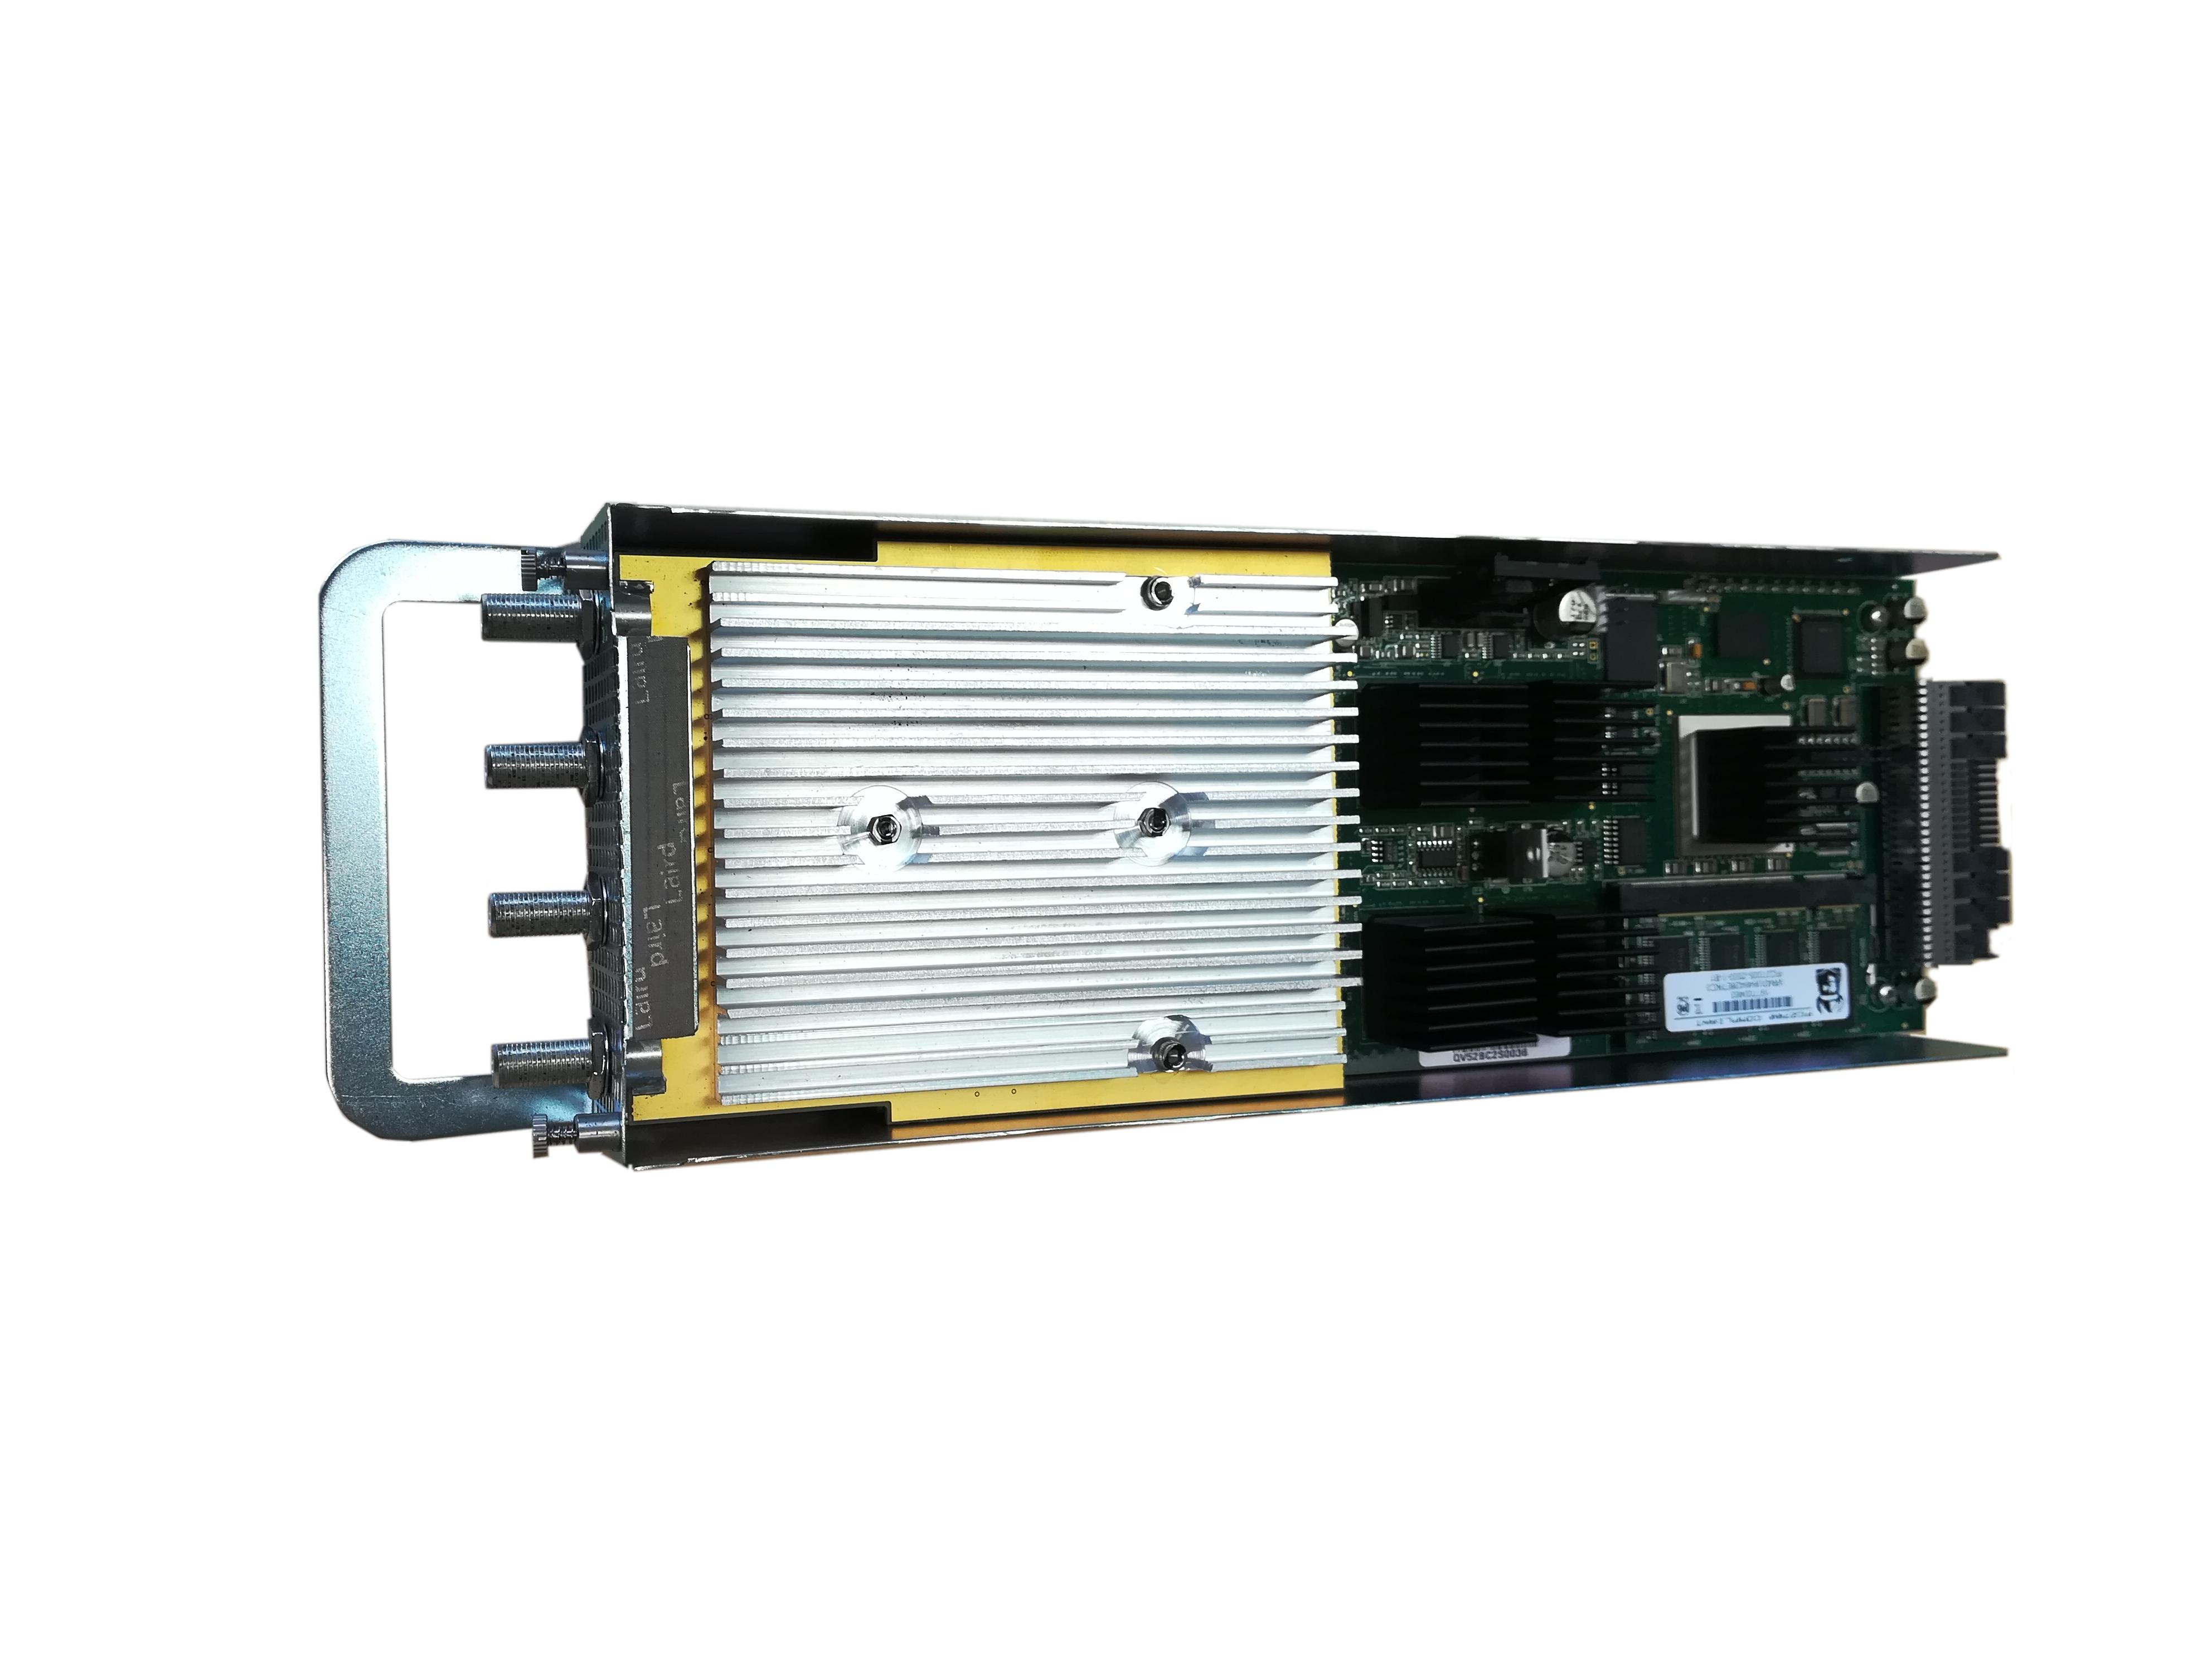 DQM16- Lightboxpic 2